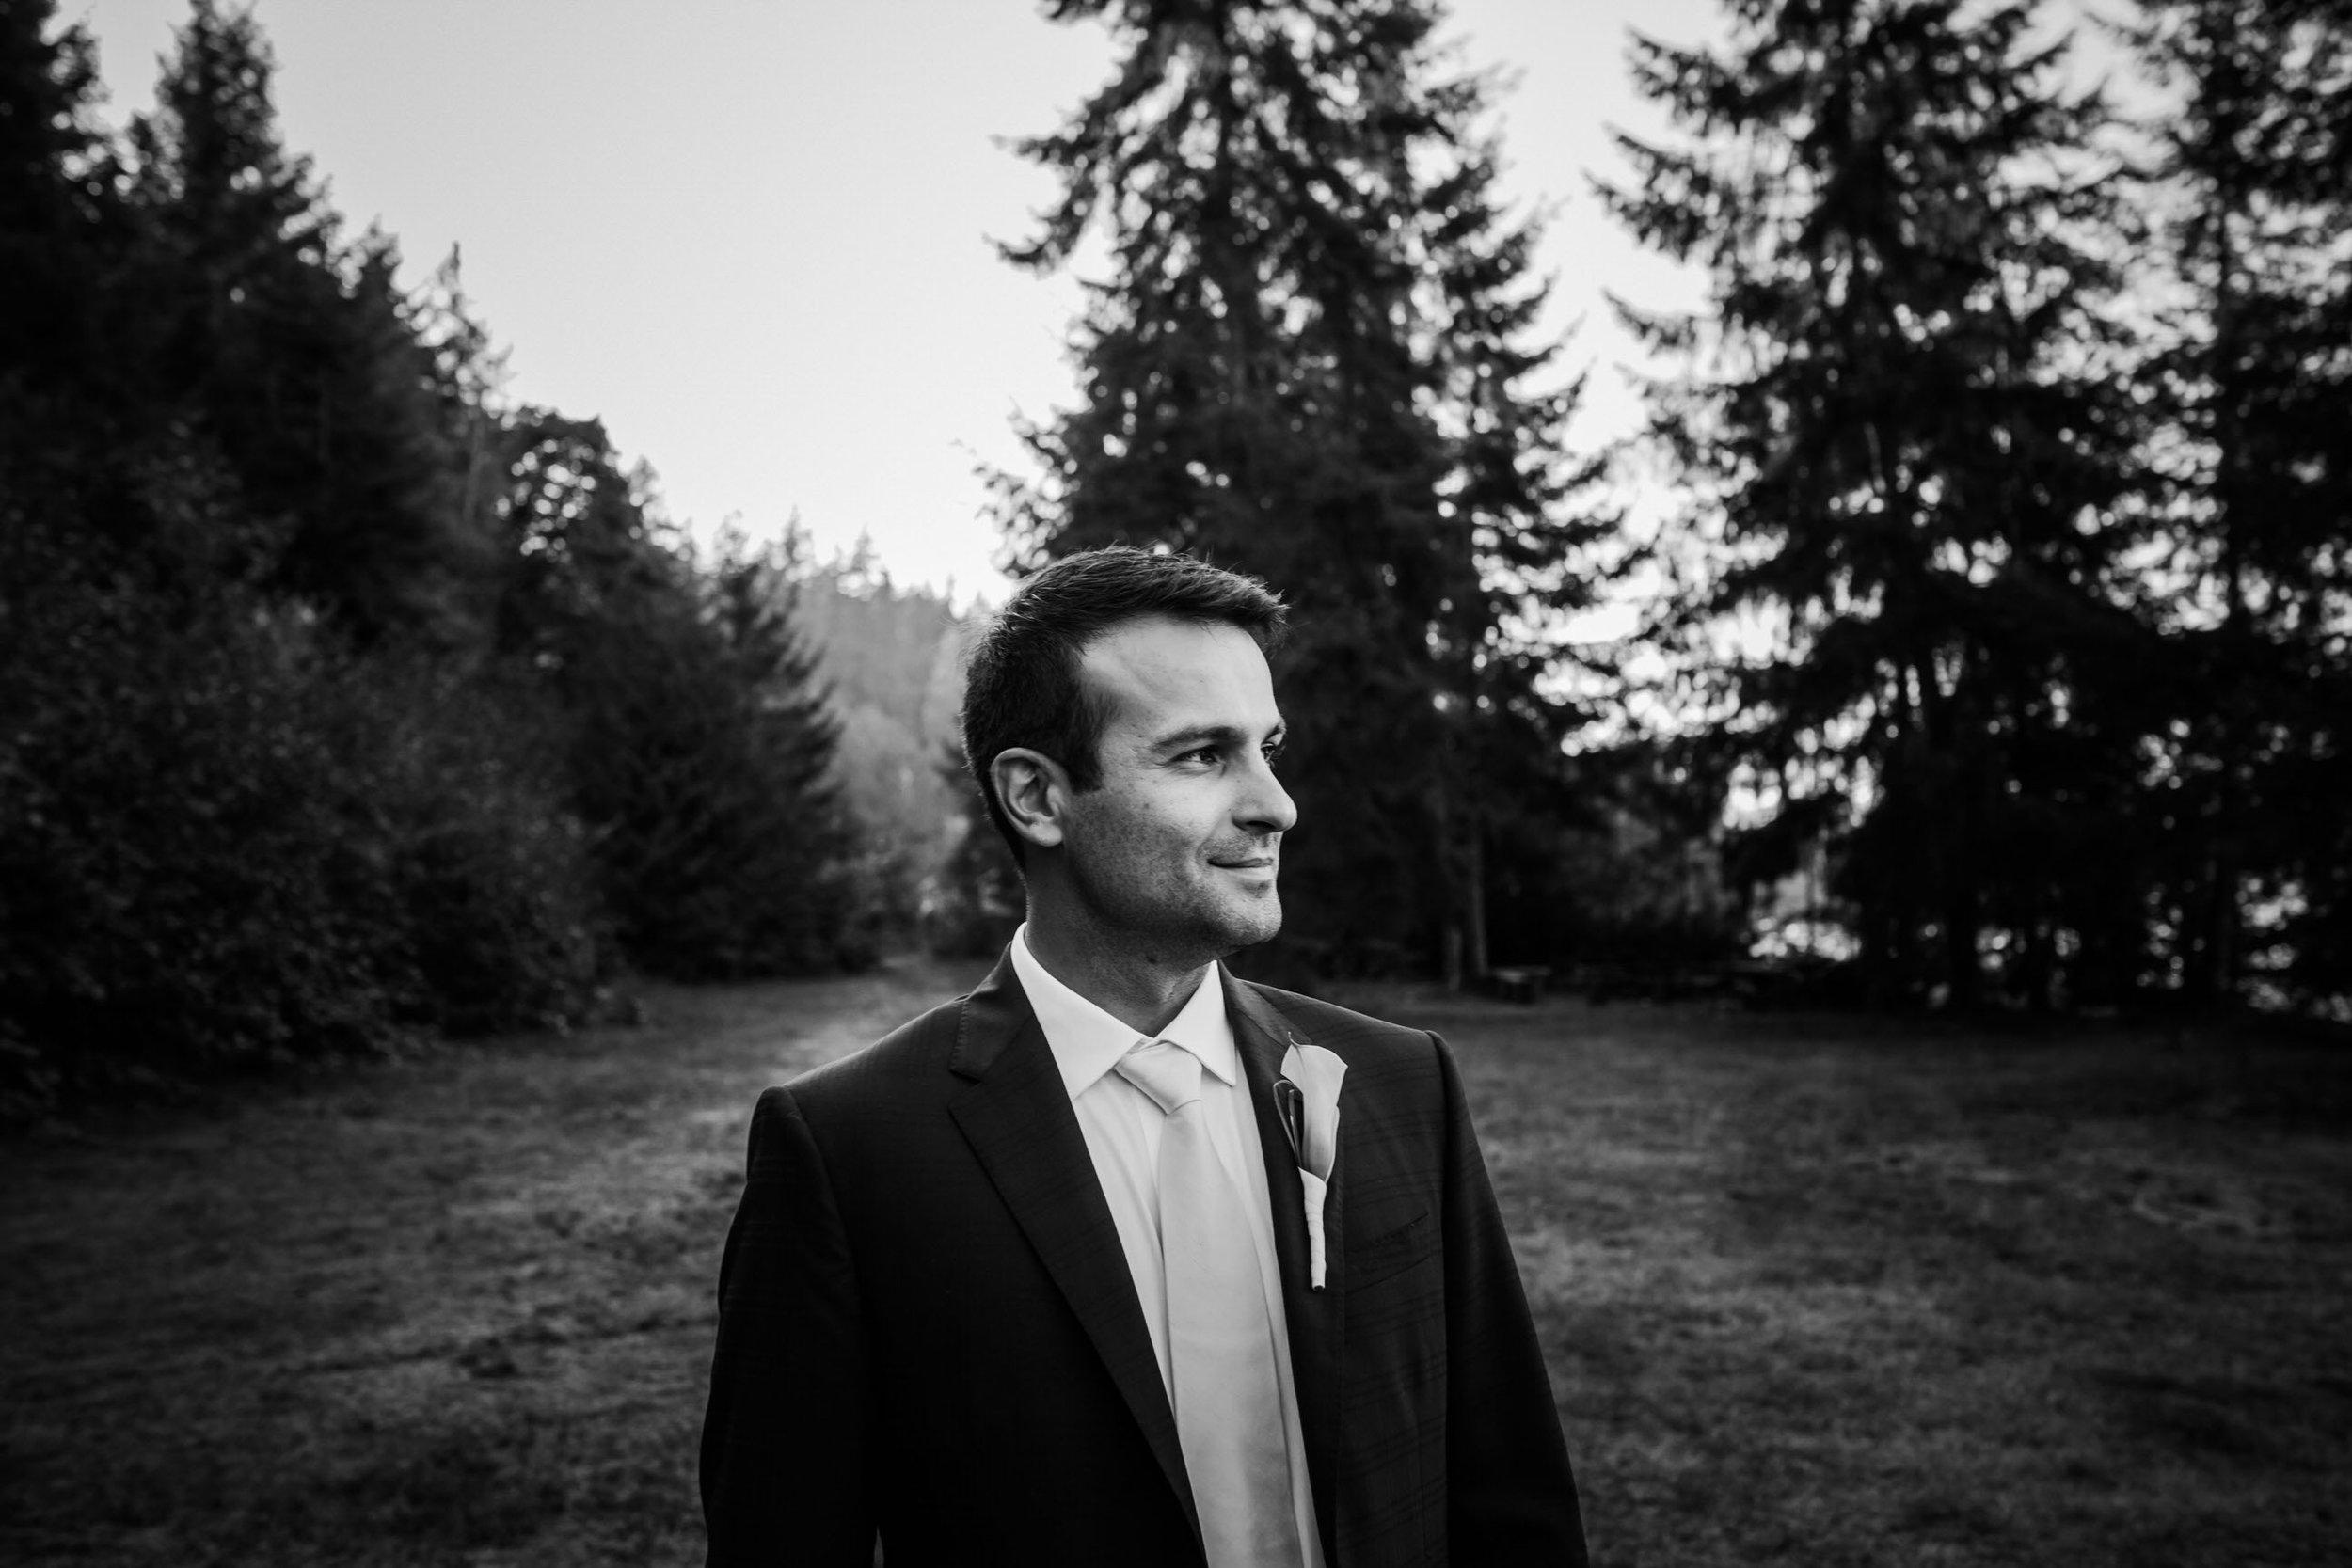 Sunshine Coast Wedding Photographer - Vancouver Wedding Photographer - West Coast Wilderness Lodge Wedding - Jennifer Picard Photography - IMG_8237.jpg